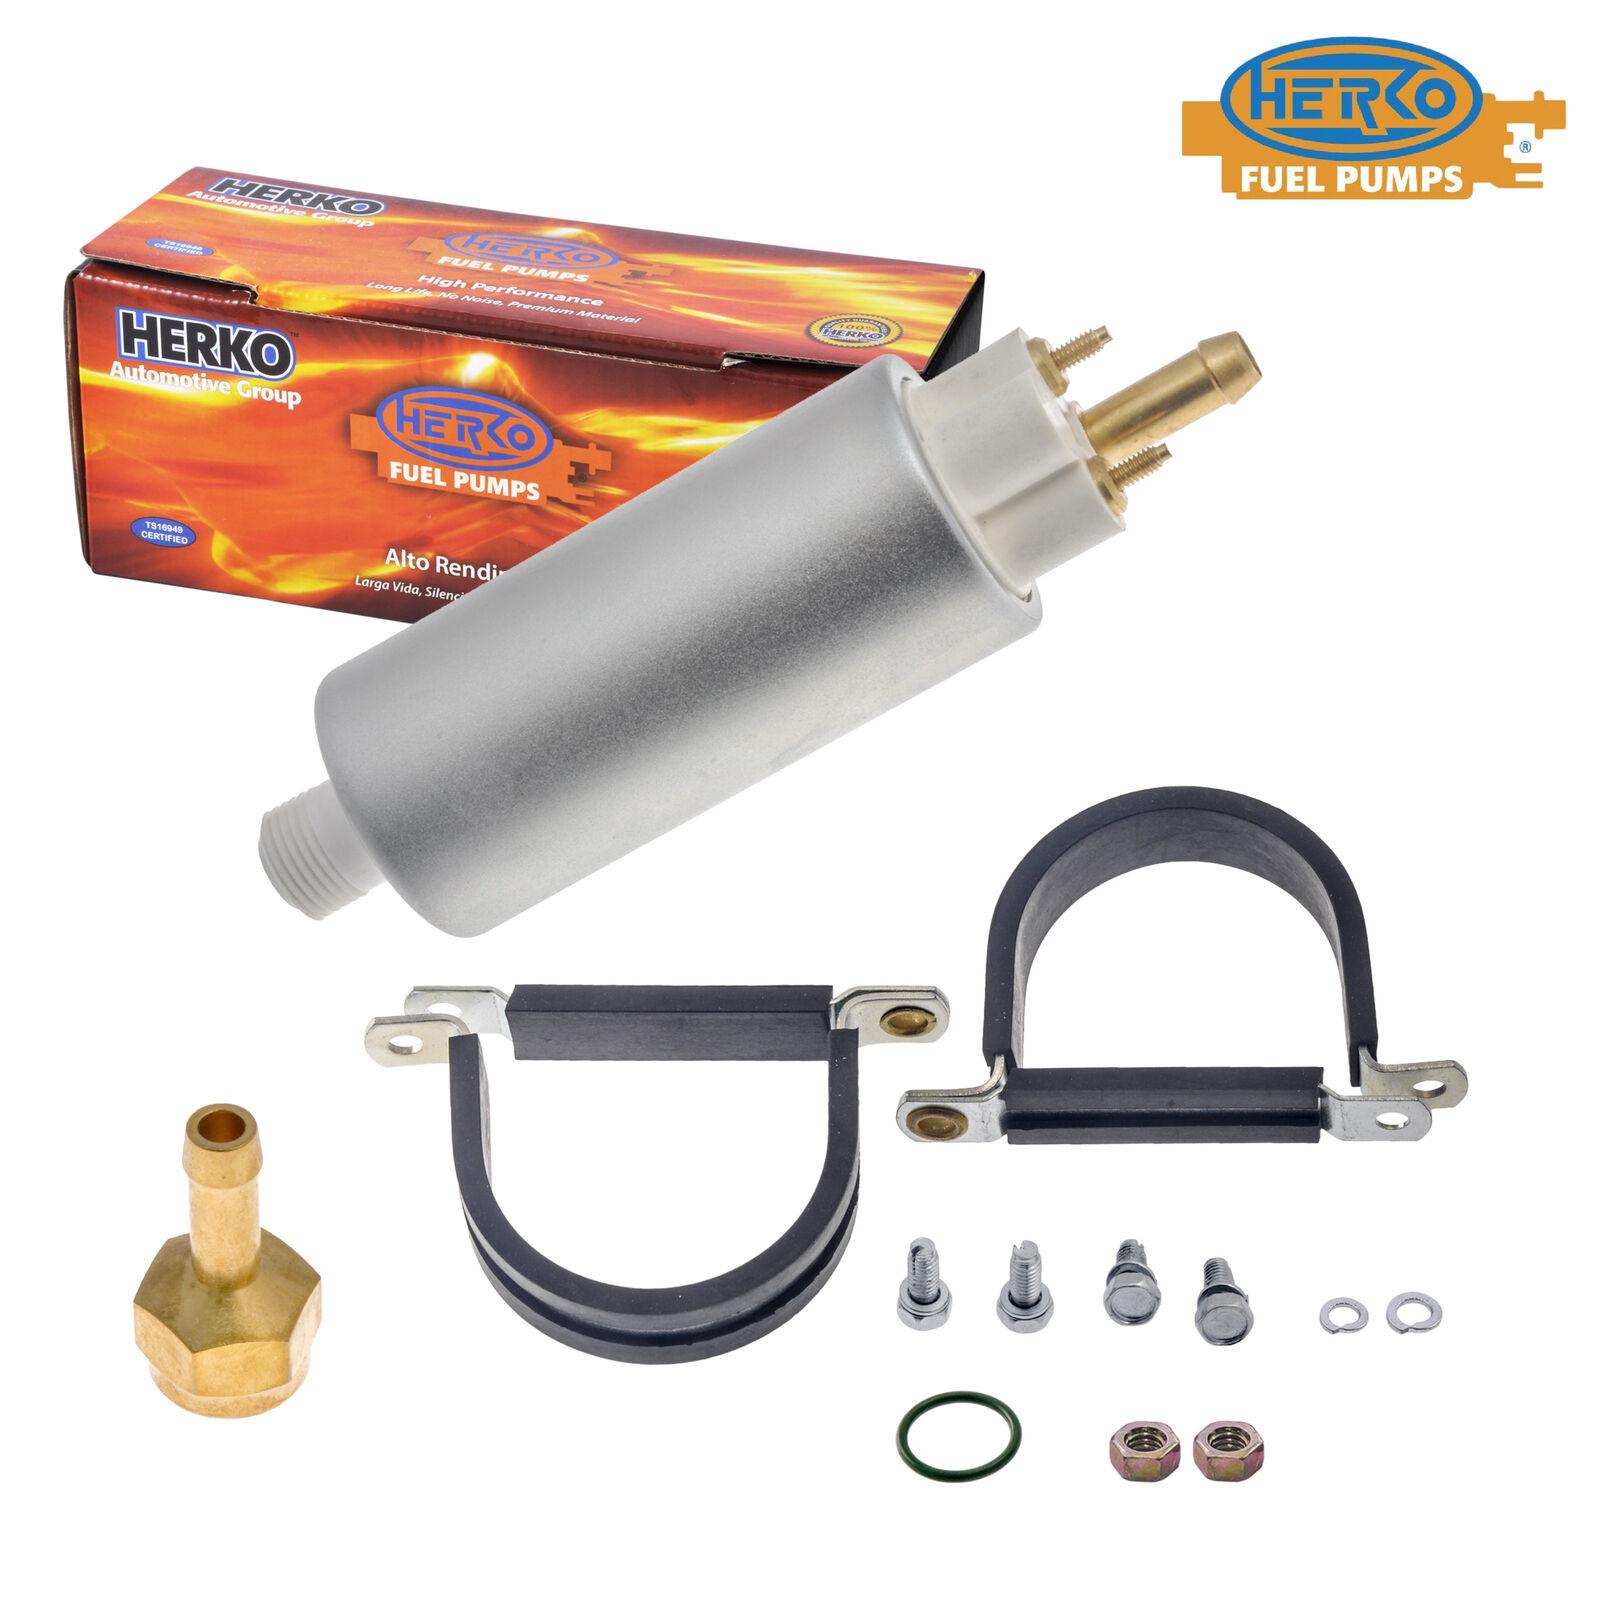 Herko Fuel Pump K9282 For Nitrous Oxide Applications Ebay